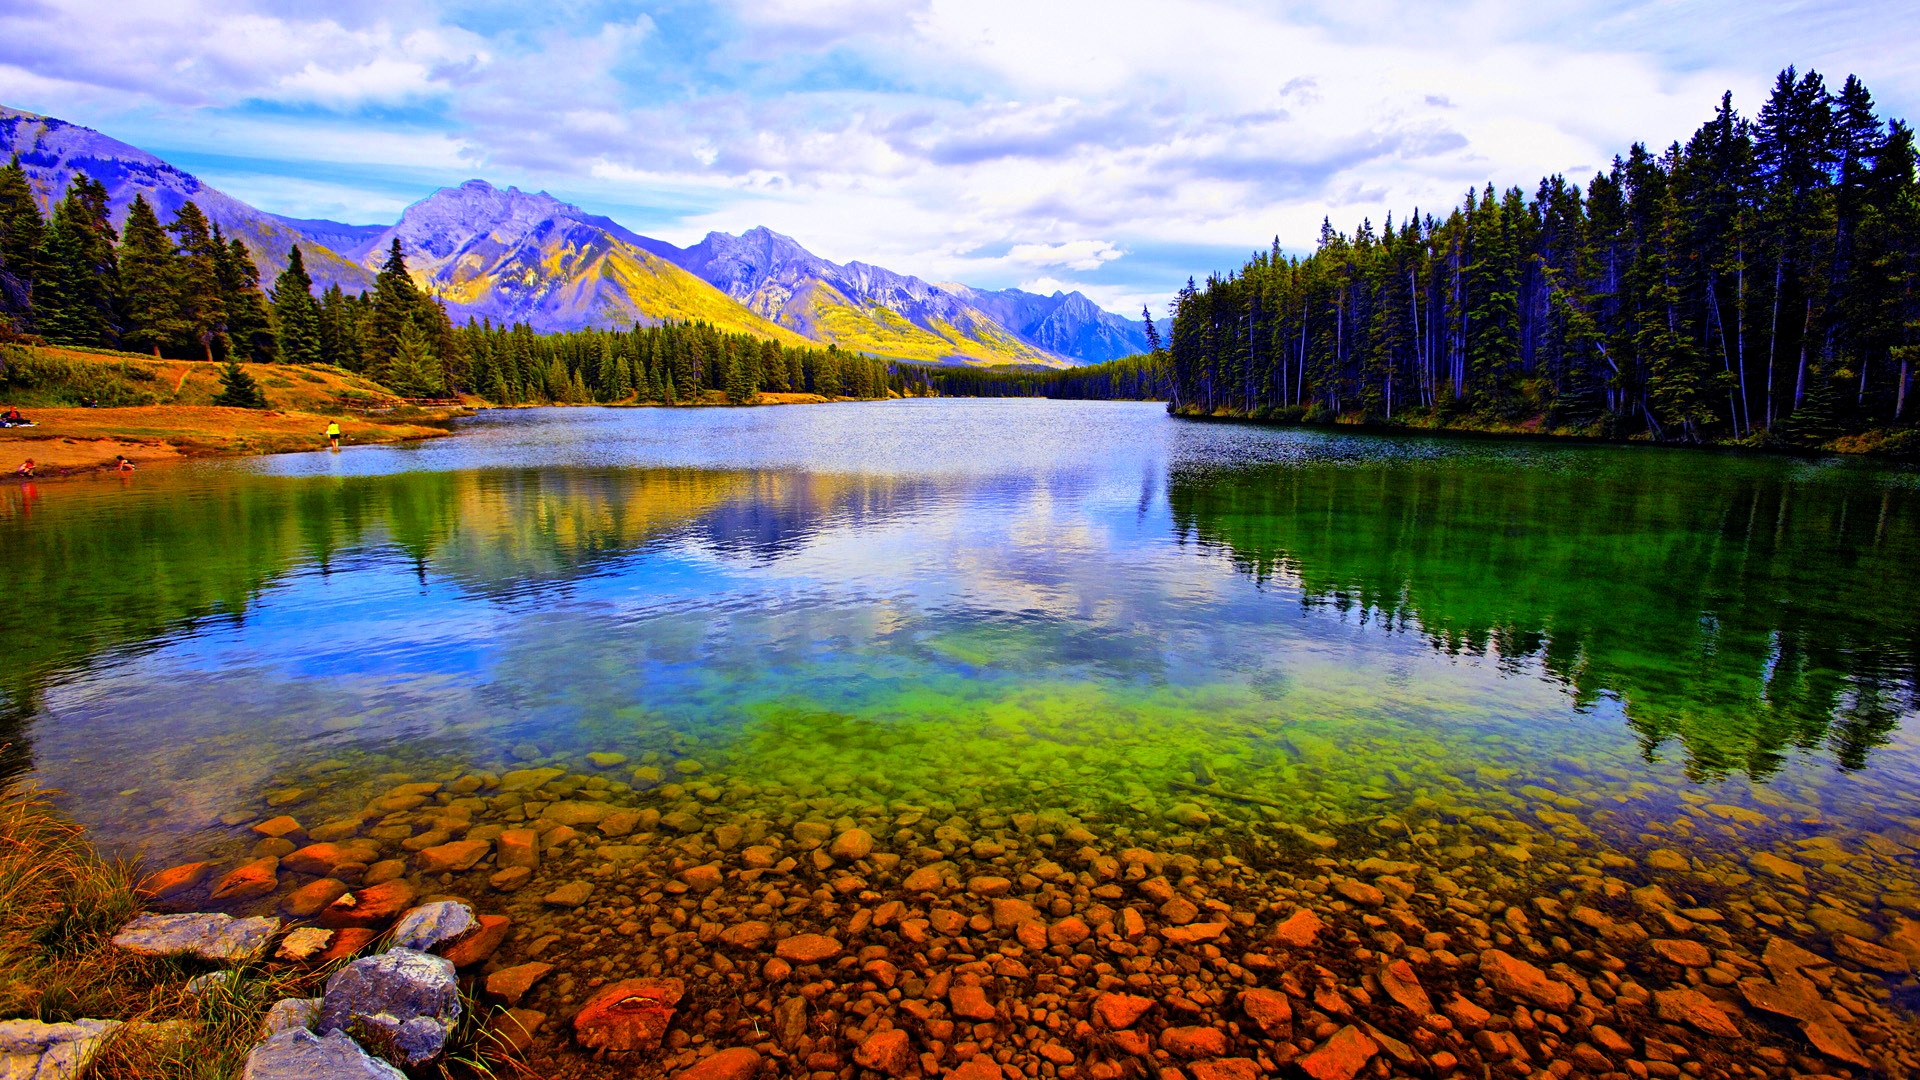 Stunning National Park Wallpaper 1920x1080px 897476 1920x1080